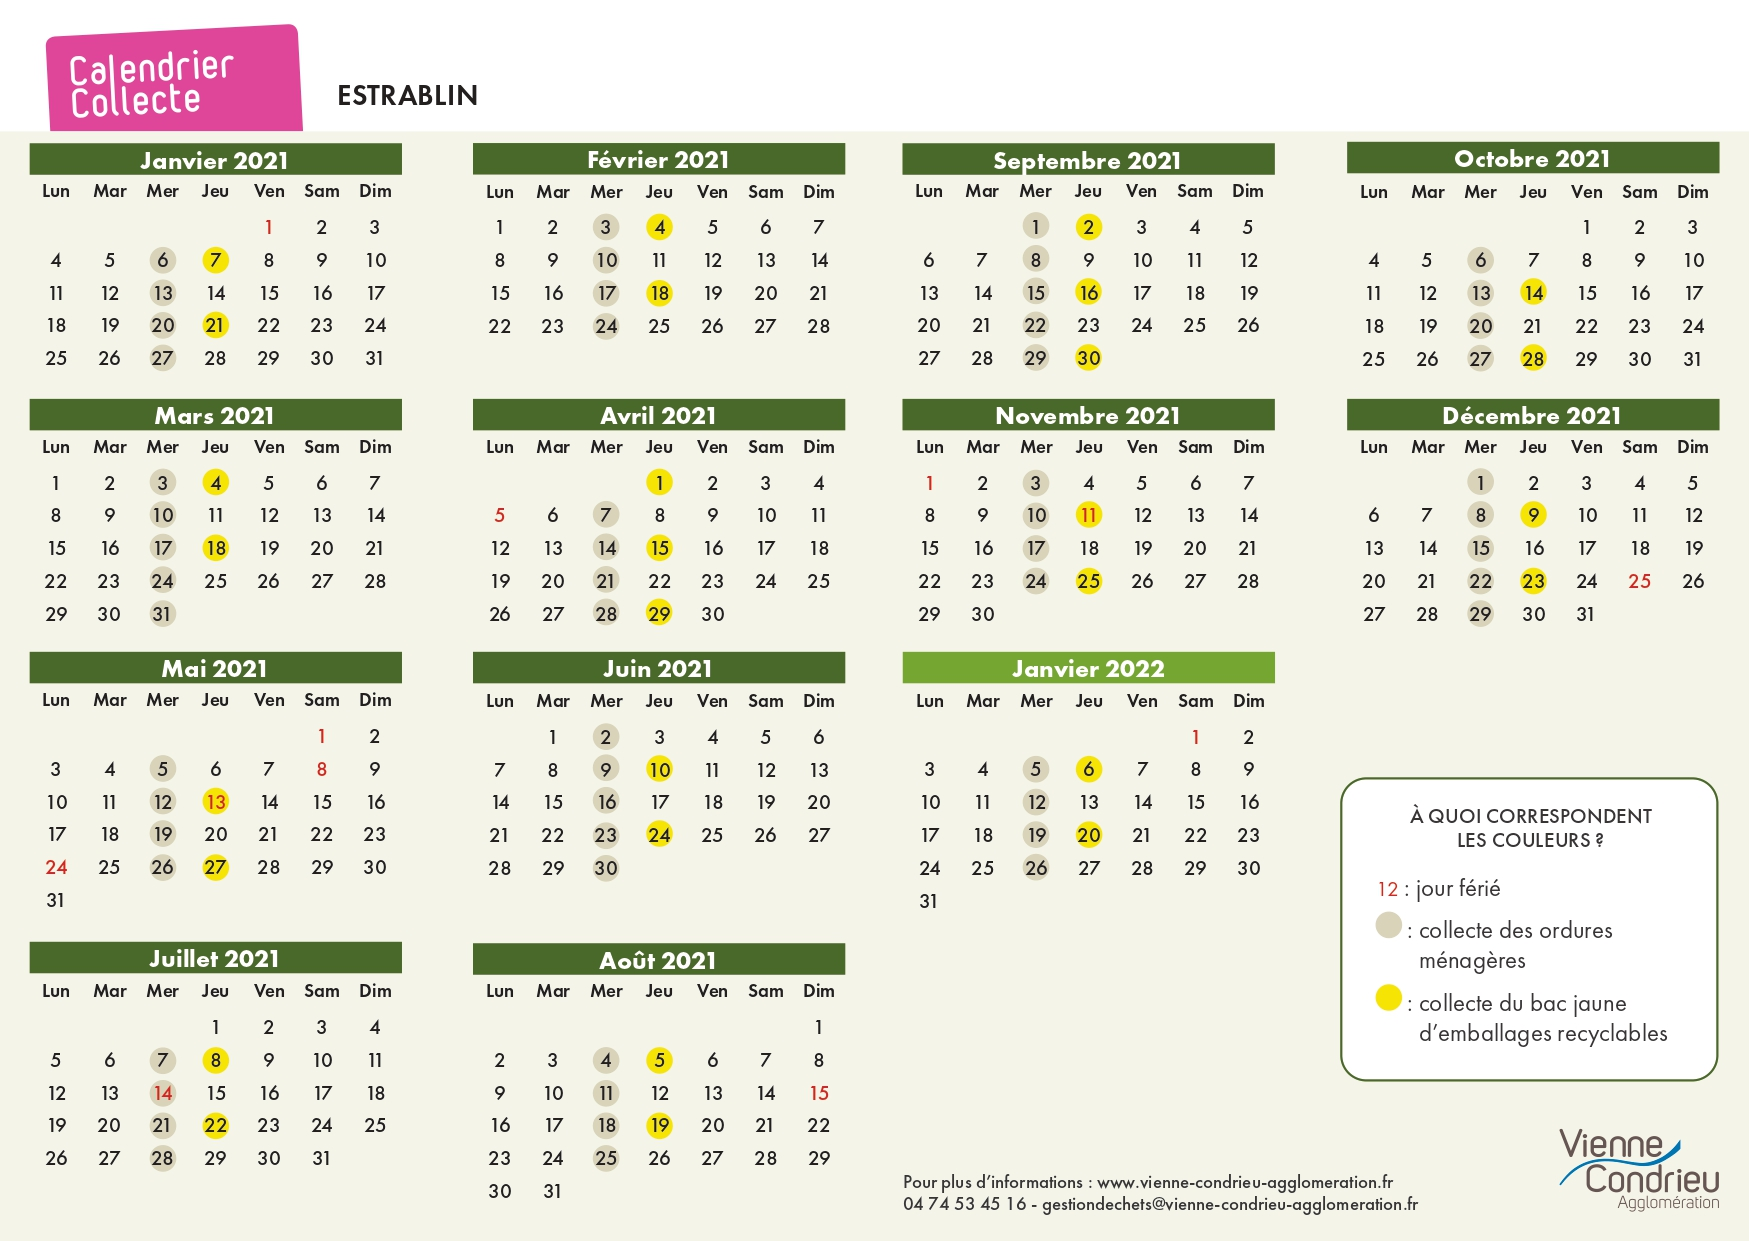 calendrier collecte déchets 2021-estrablin_page-0002.jpg